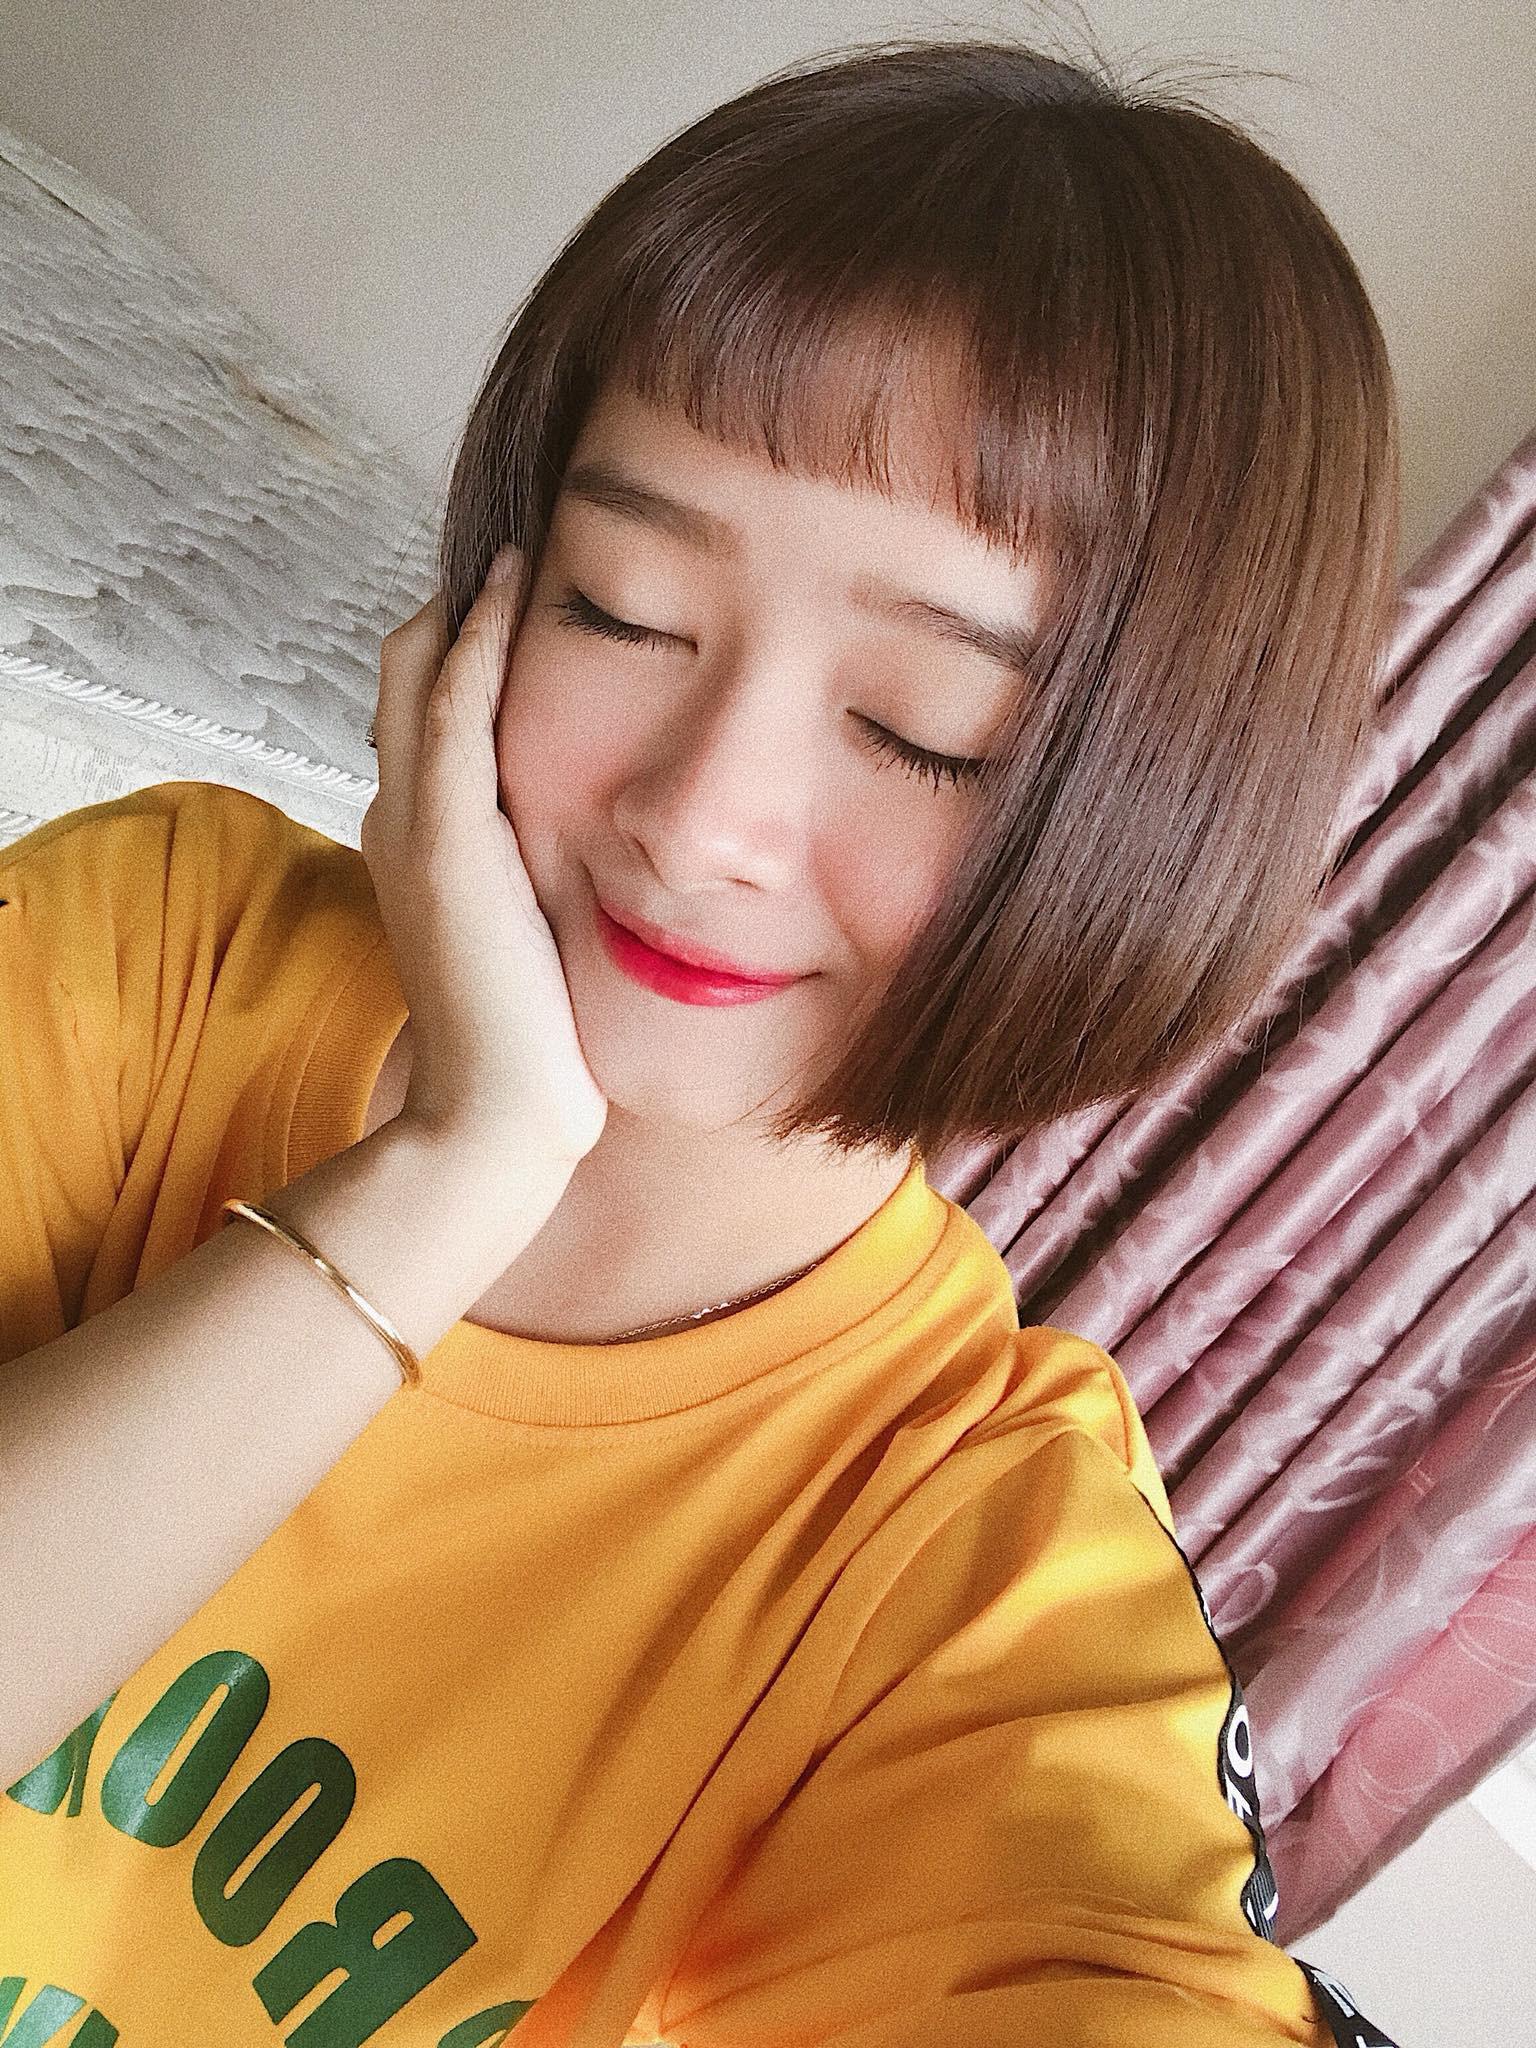 Cô Bạn Sài Gòn Cắt Tóc Ngắn để Che Mặt Tròn Ai Ngờ Giống Luôn đóa Nhi